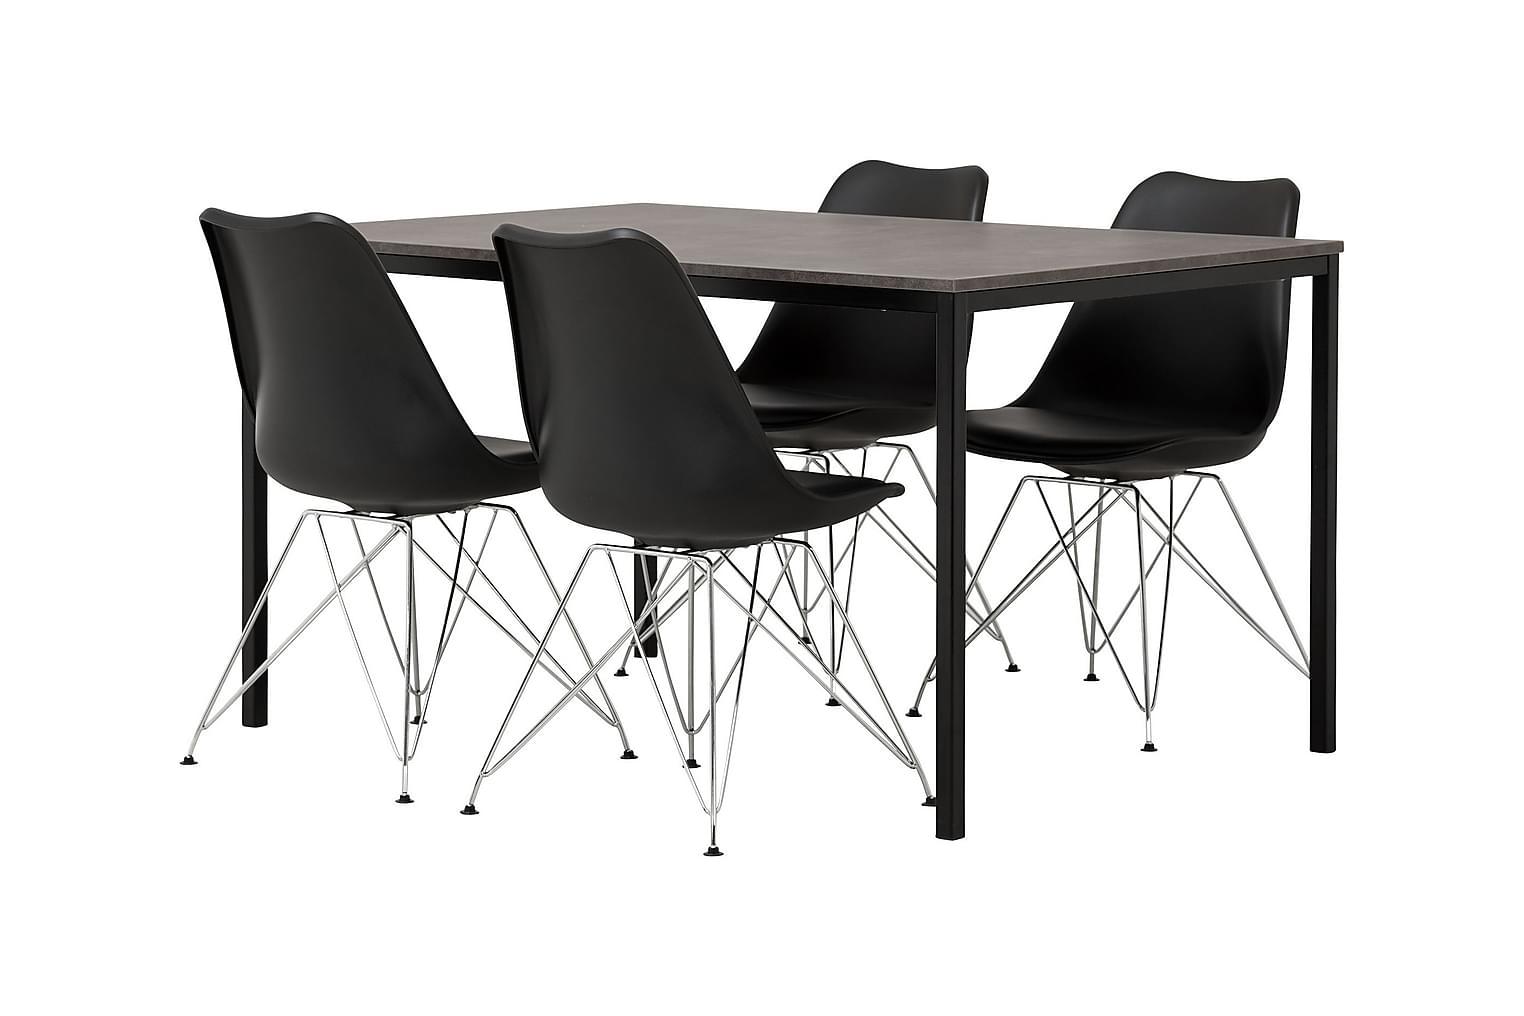 NOOMI Pöytä 138 Harmaa/Musta+ 4 SHELLO Tuolia Musta/Kromi